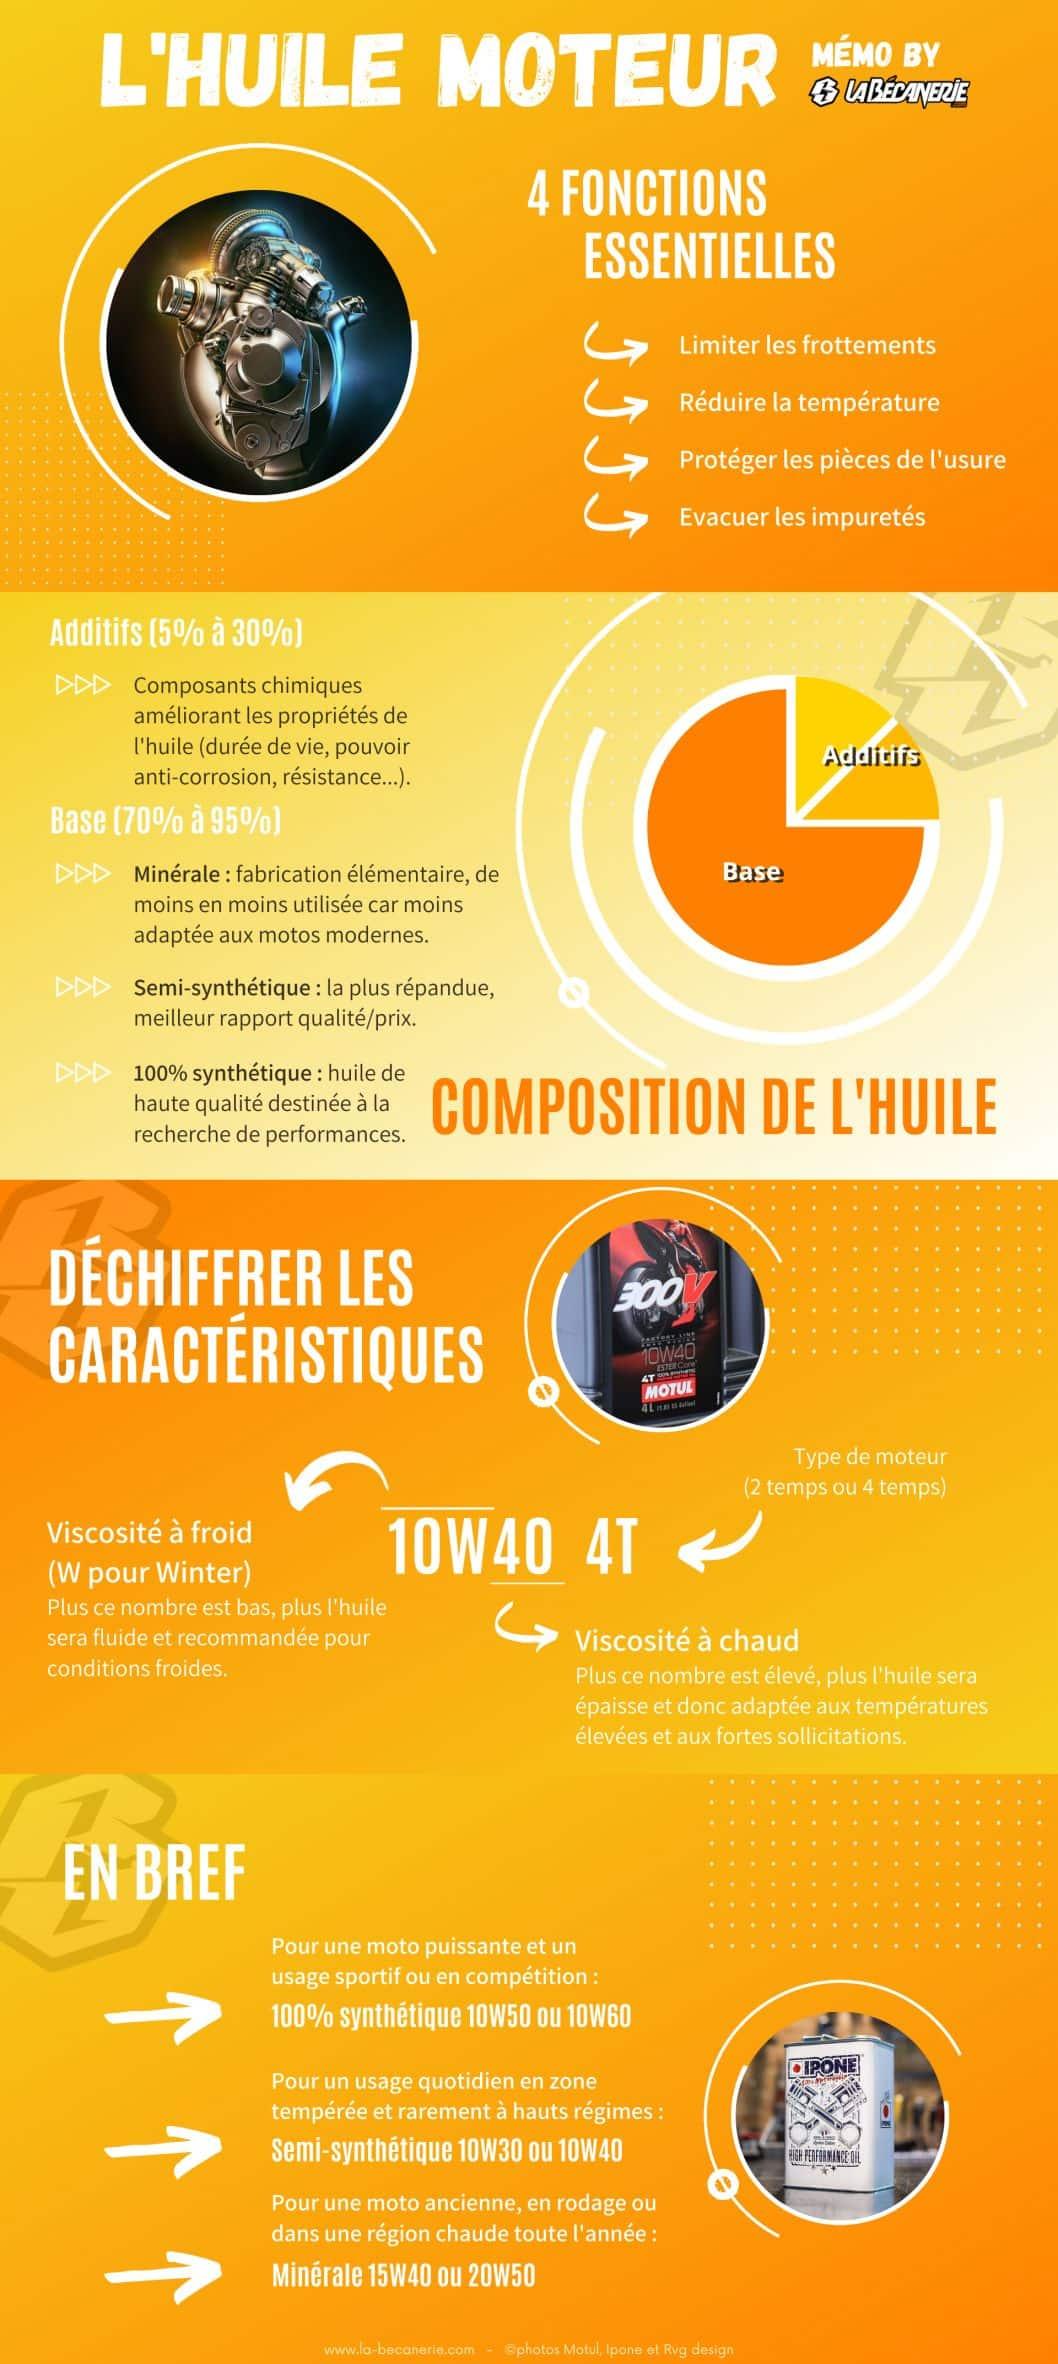 huile moteur moto infographie ©La Bécanerie